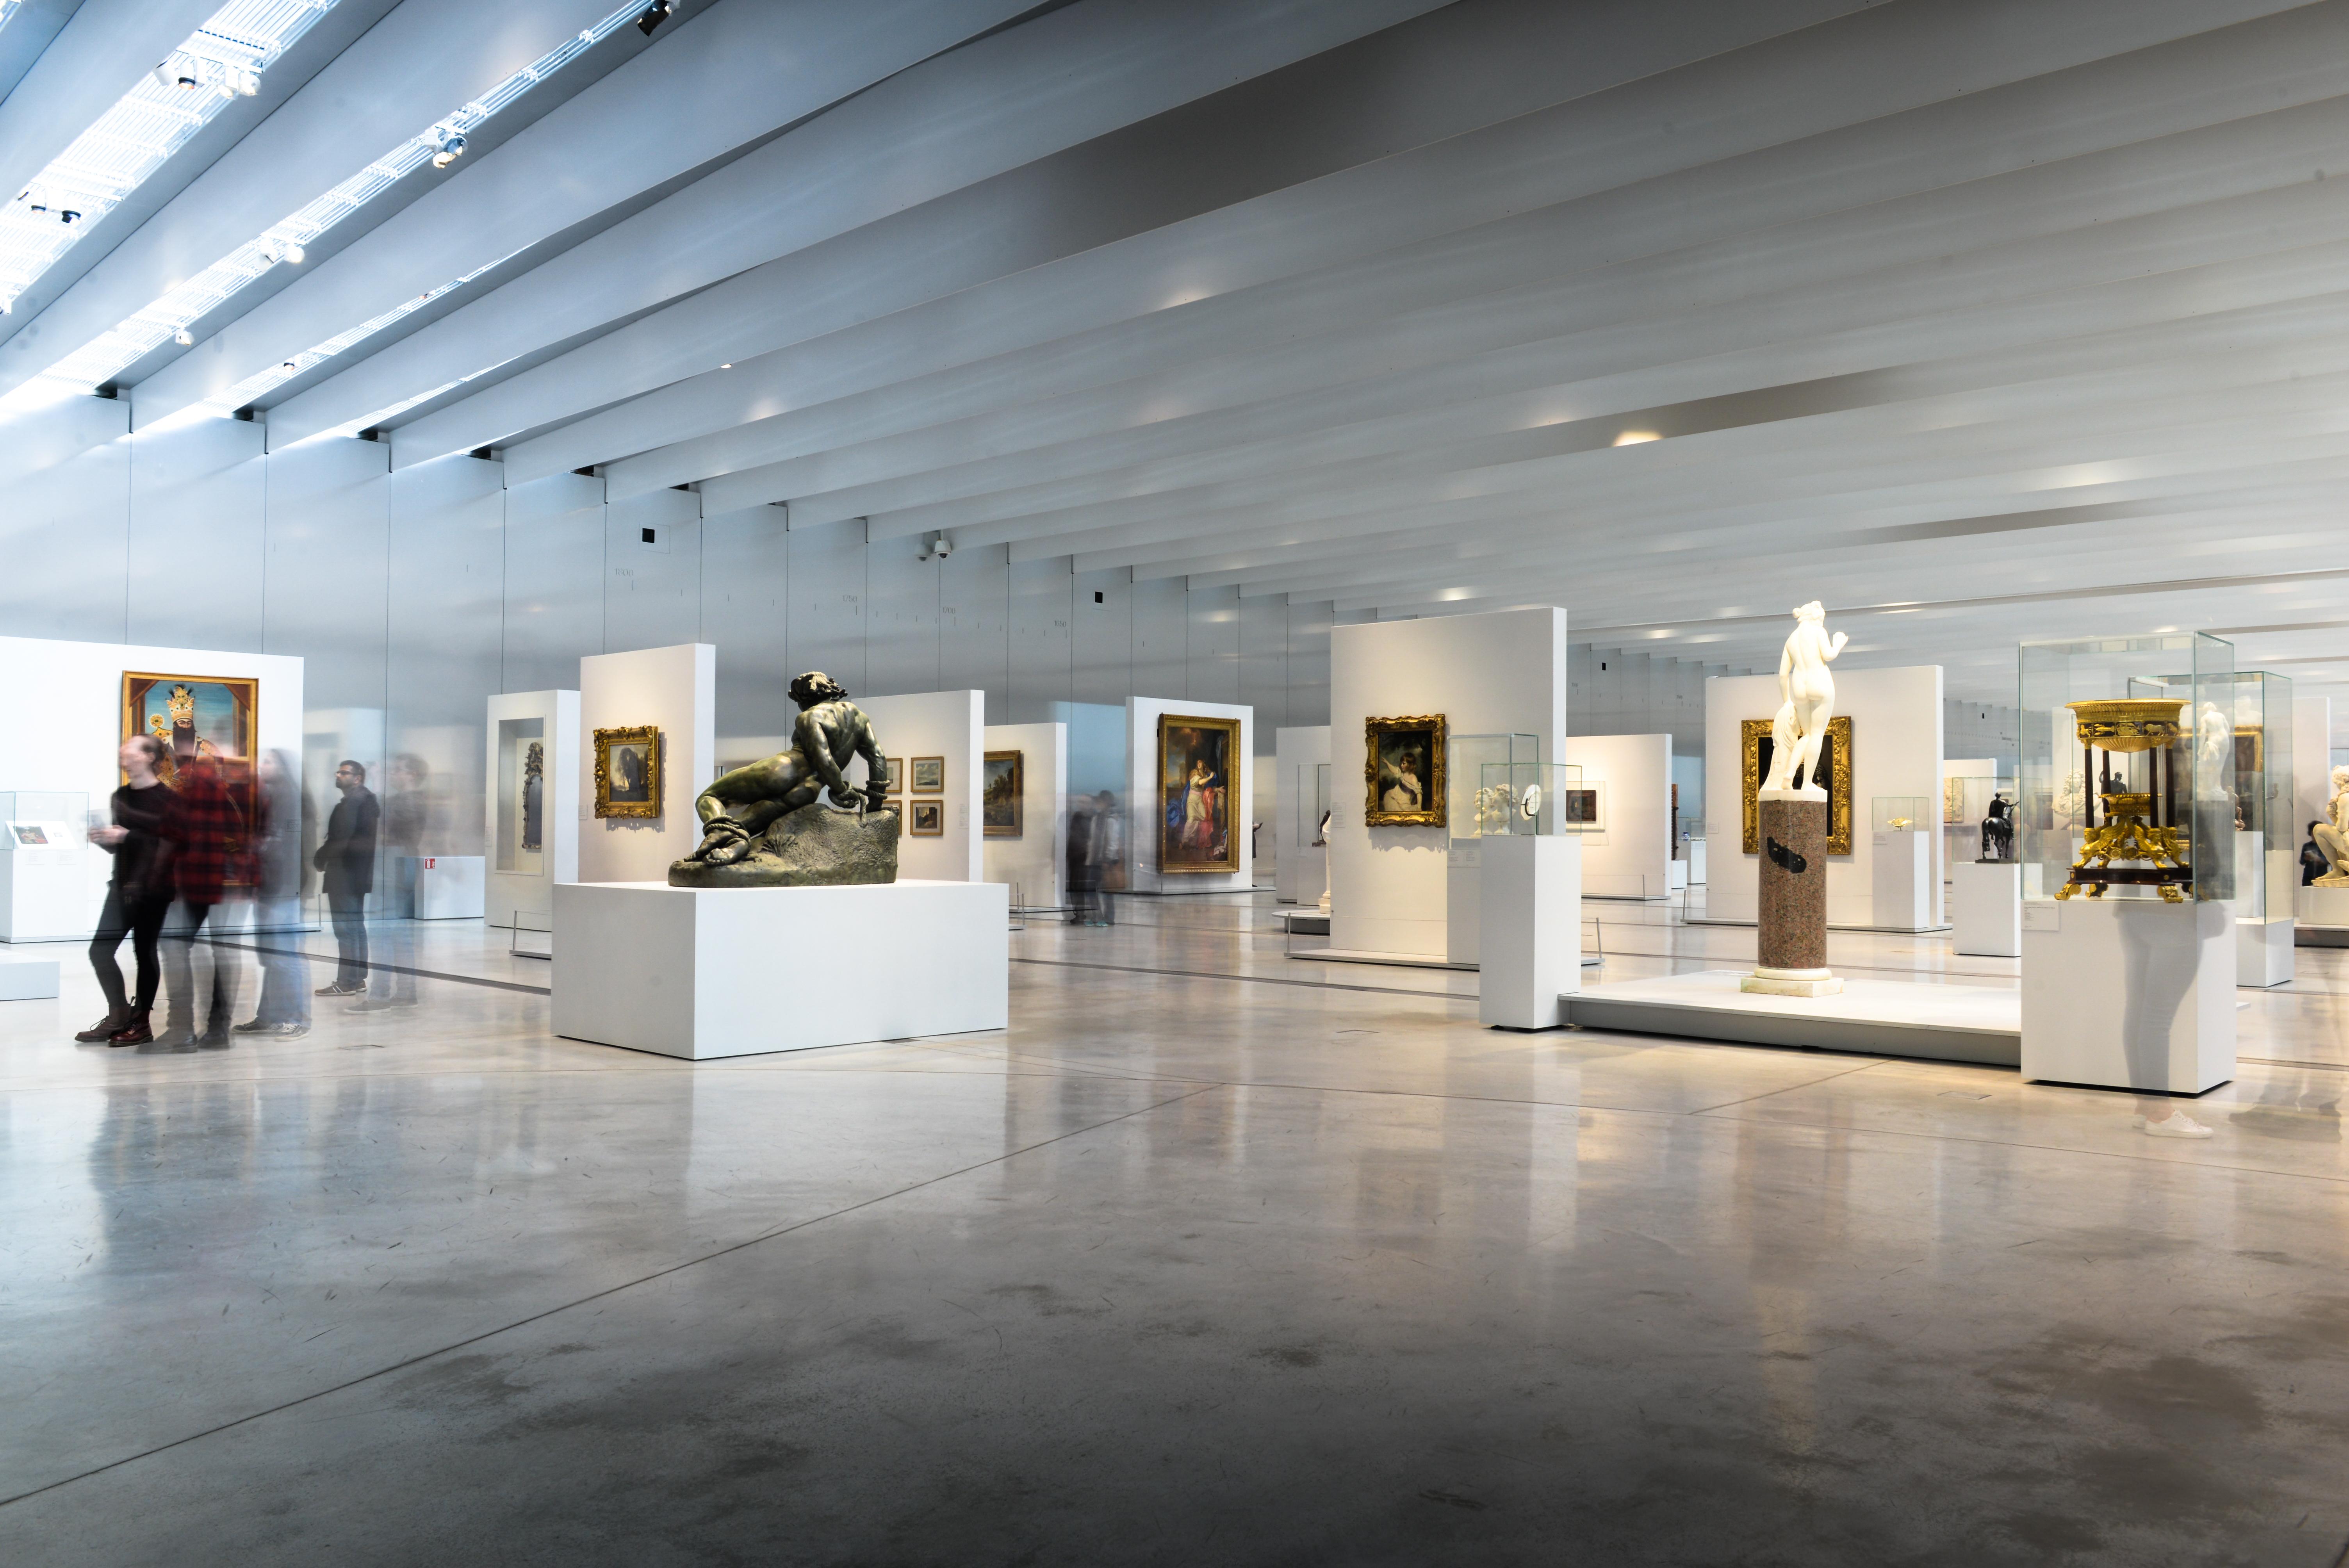 Louvre lens galerie du temps galerie de la mode le for Louvre interieur